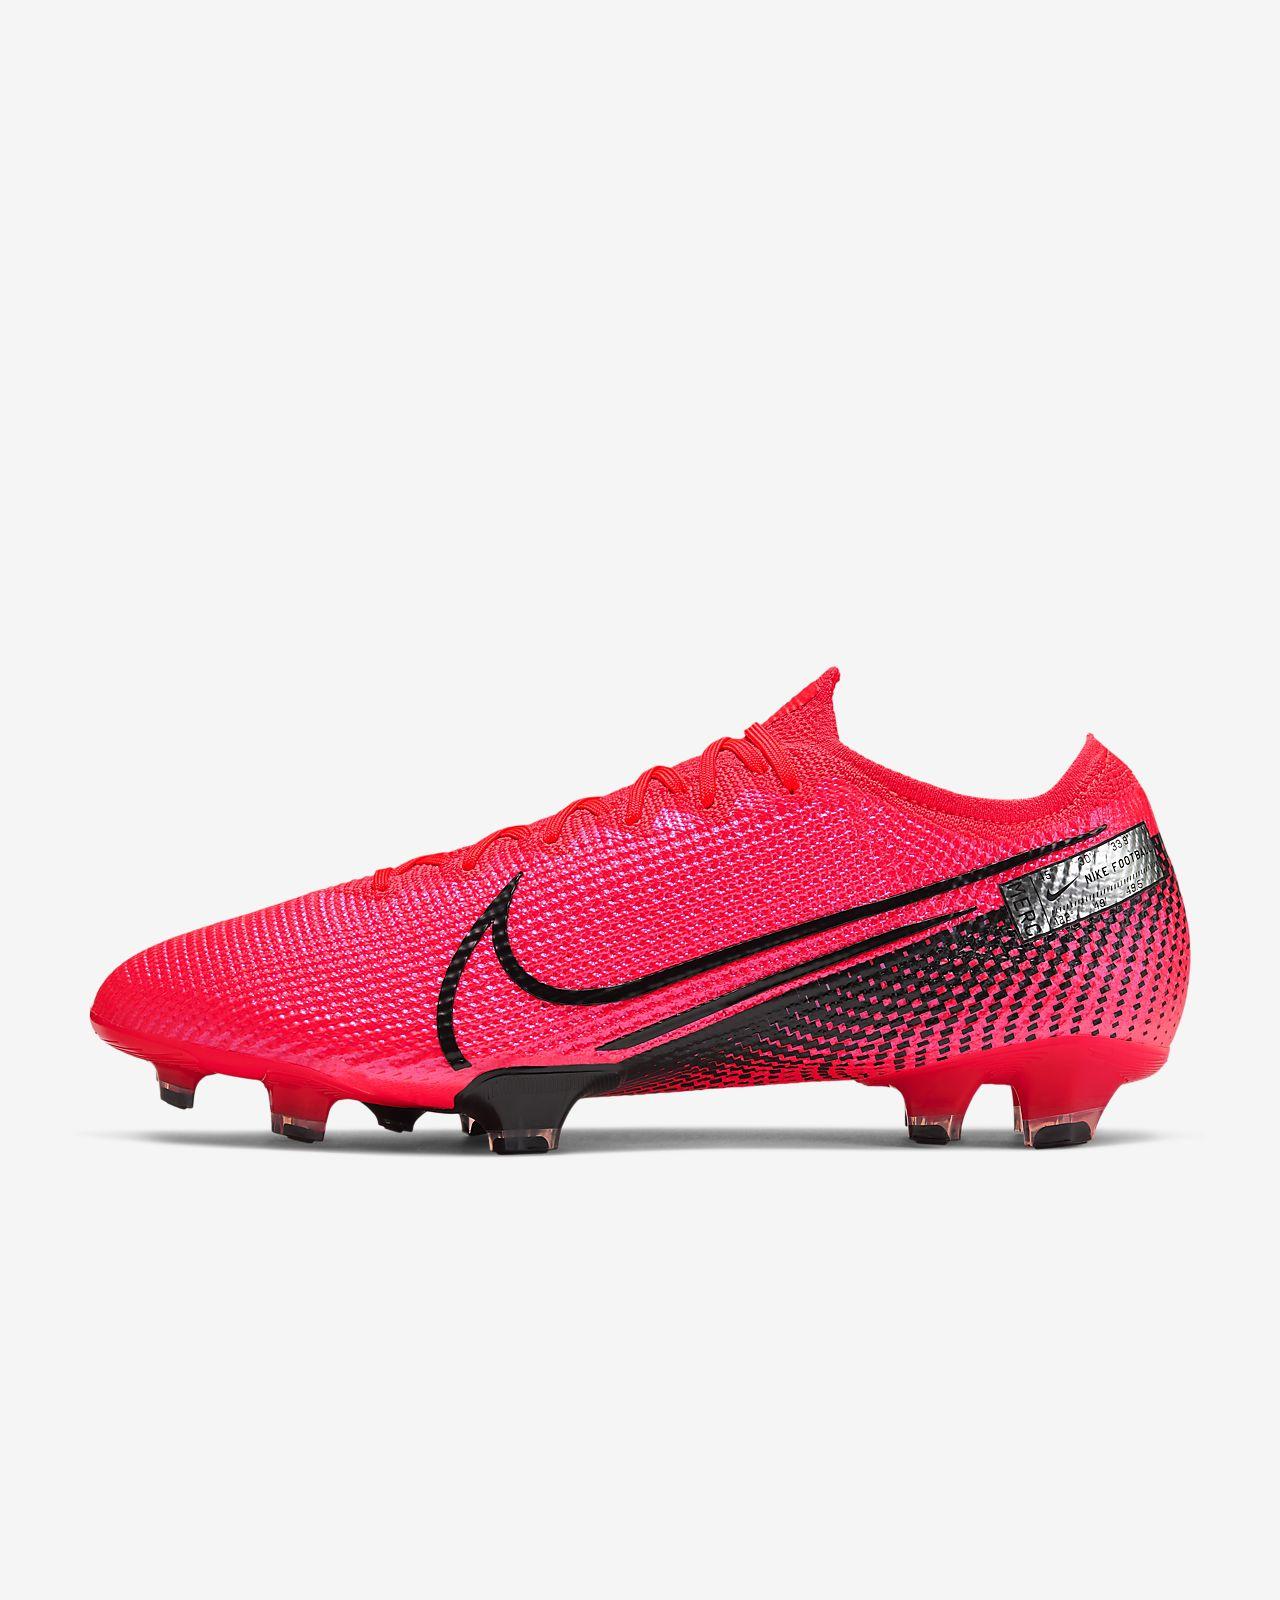 Ποδοσφαιρικό παπούτσι για σκληρές επιφάνειες Nike Mercurial Vapor 13 Elite FG